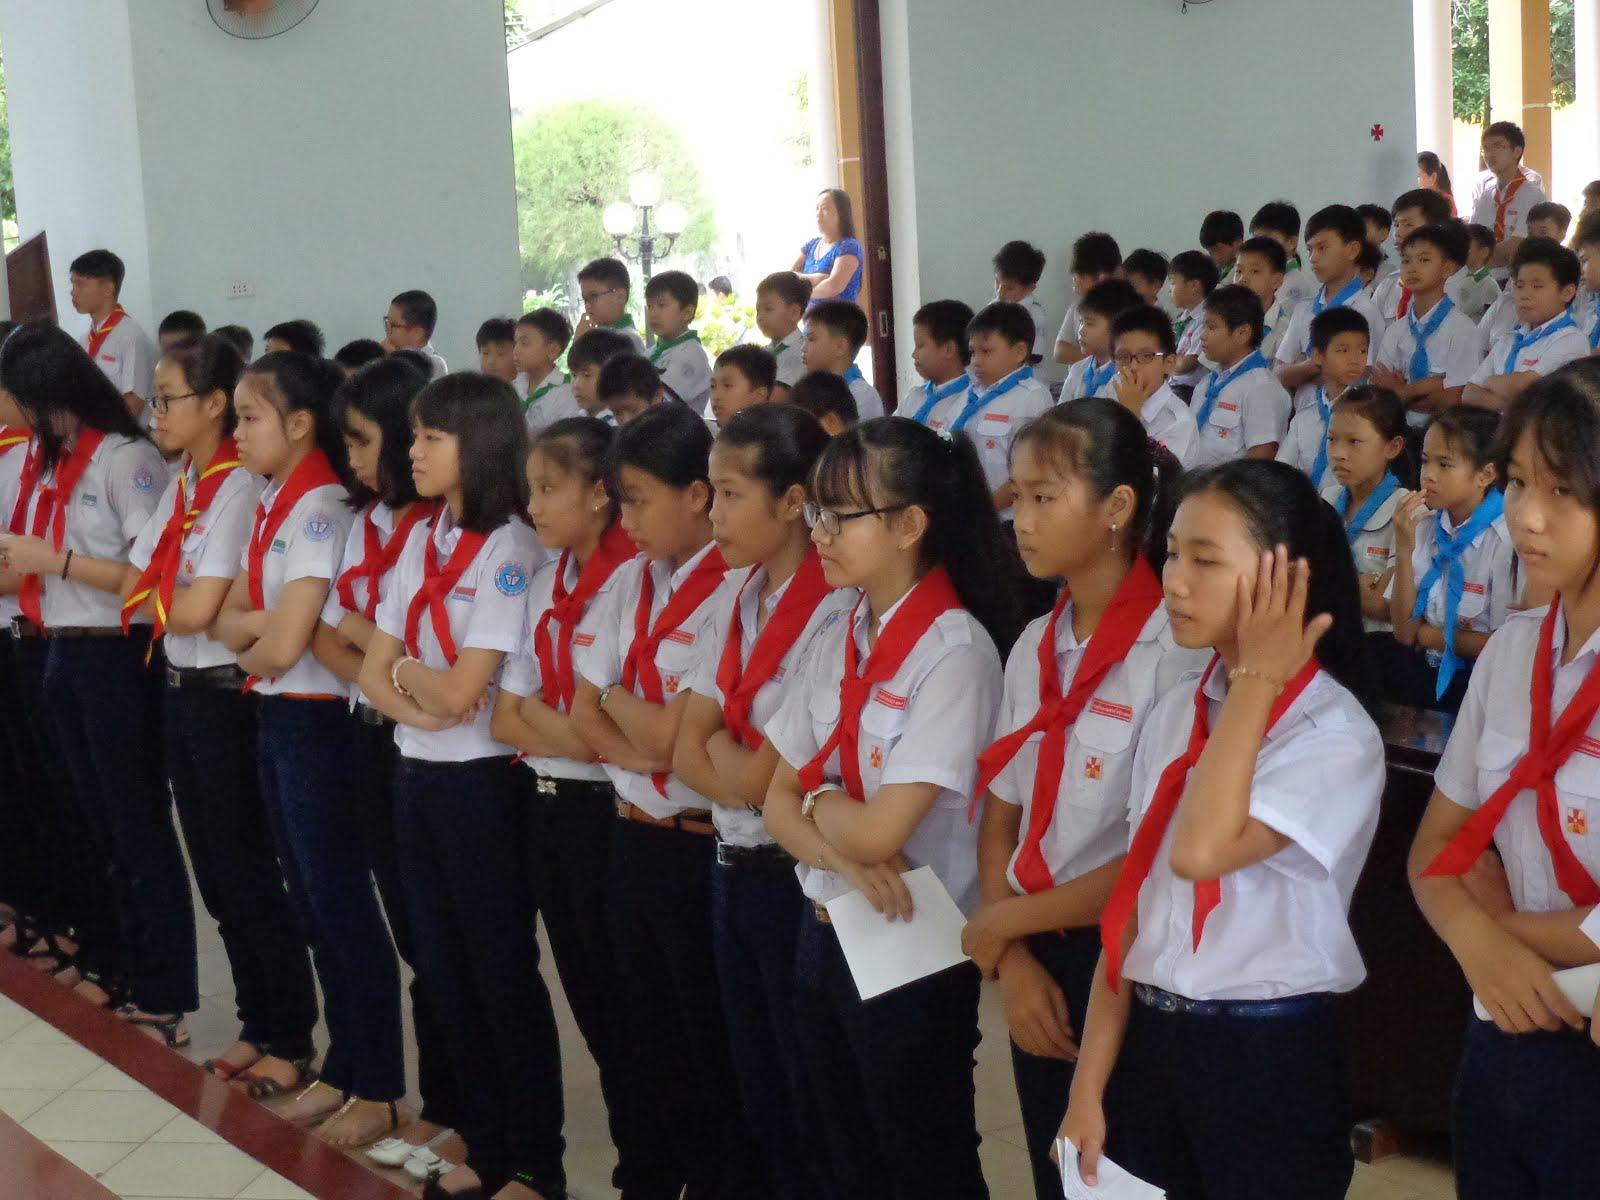 TRAO KHĂN H.TRƯỞNG & DỰ TRƯỞNG Ngày 20.11.2016